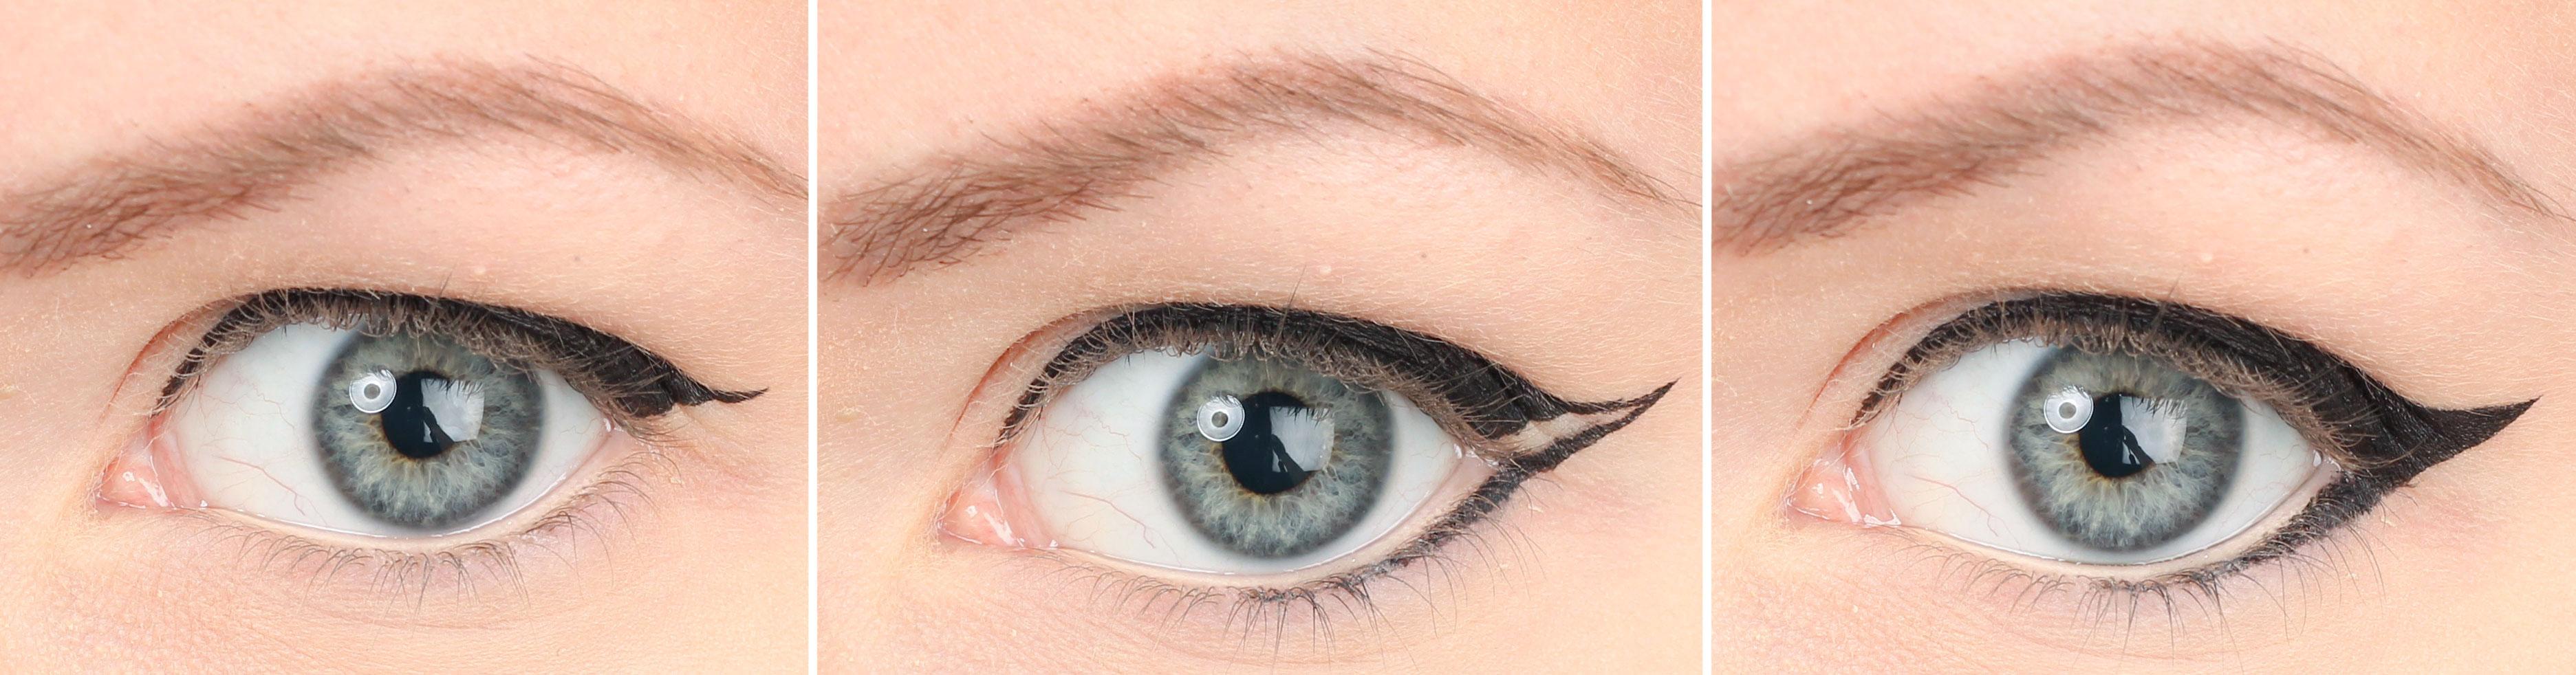 eyeliner-hooded-eyes-tutorial_111